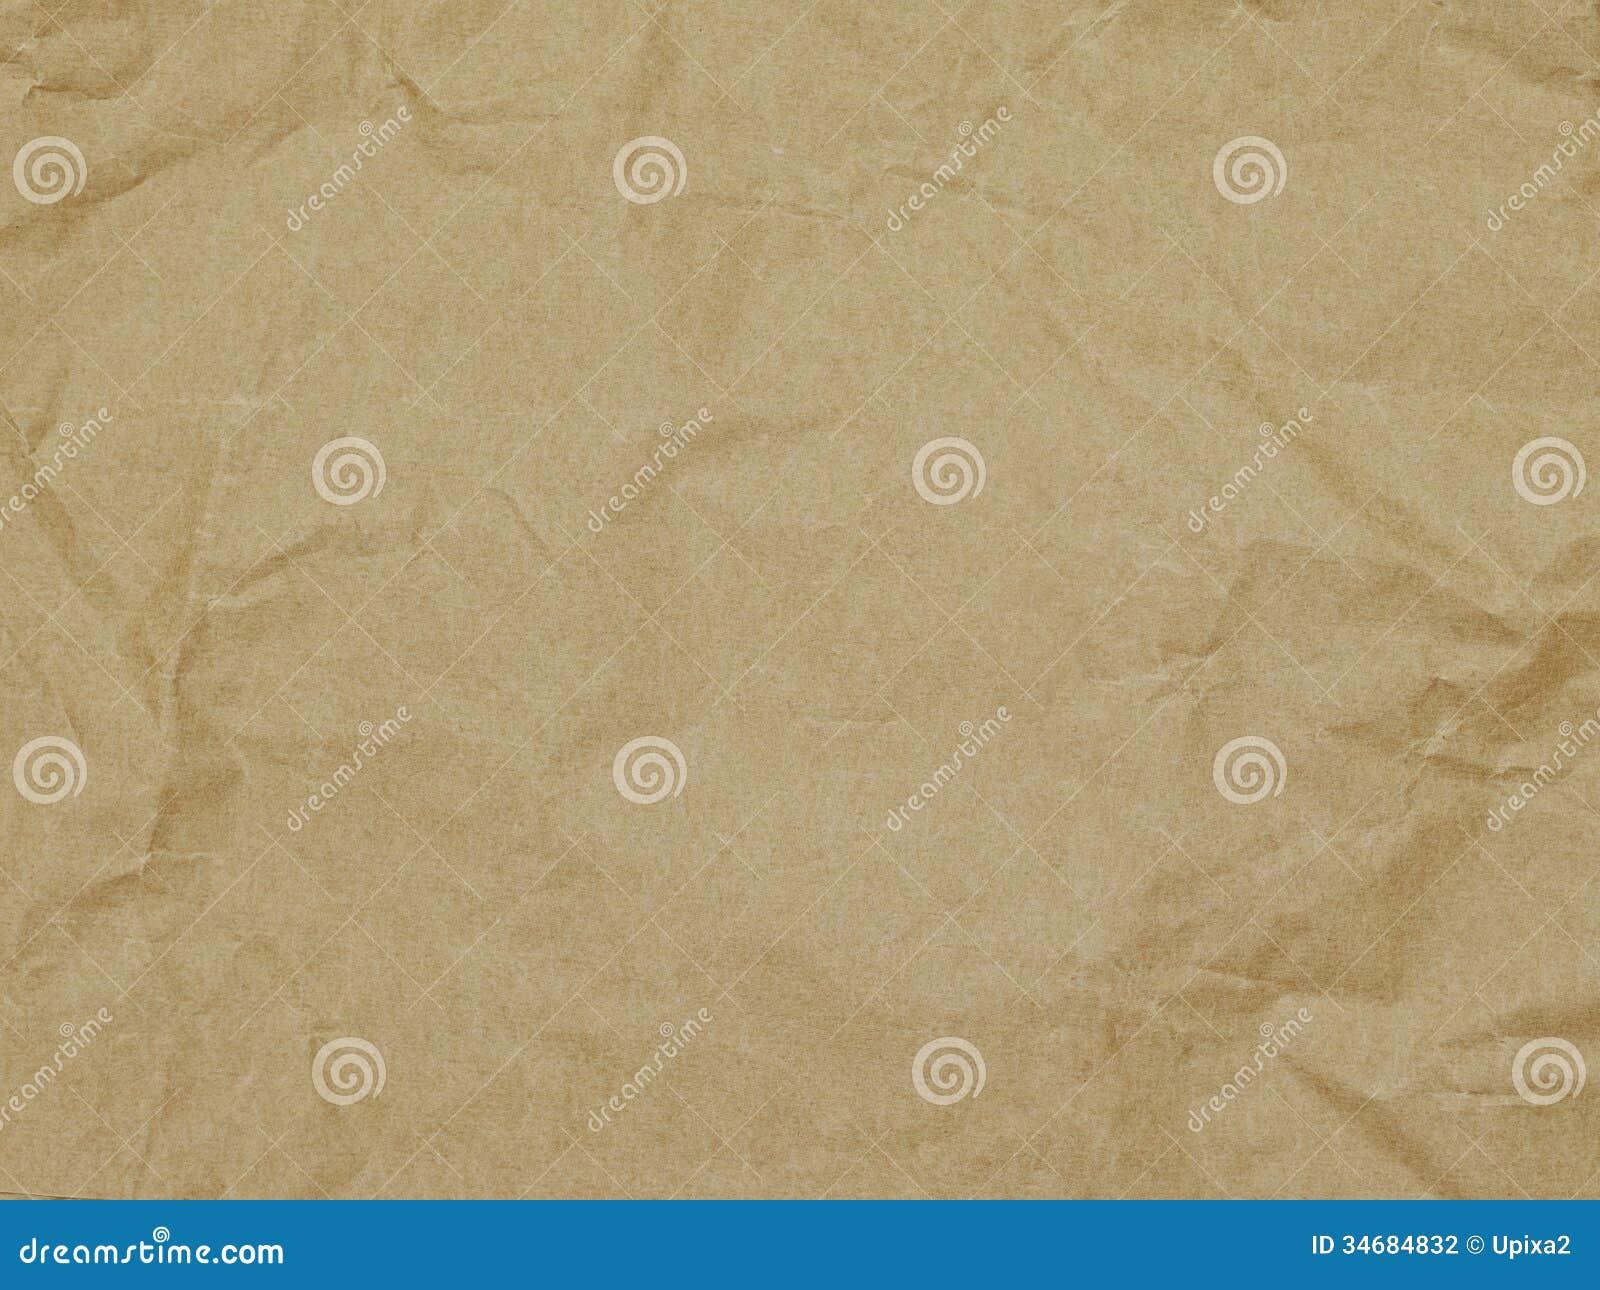 Предпосылка, упаковочная бумага, текстура, коричневый цвет, морщинка